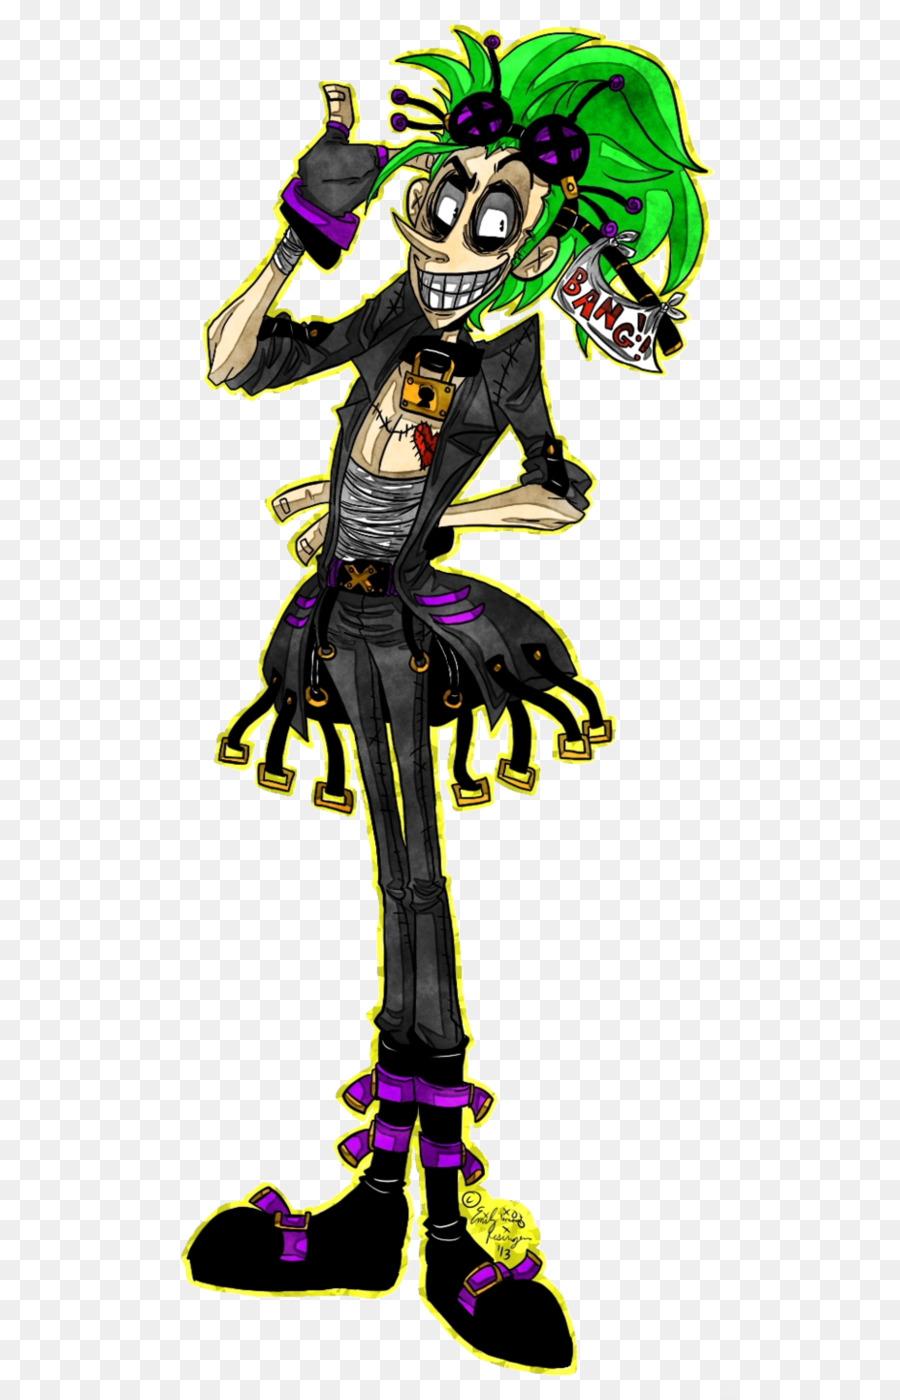 Joker Desain Kostum Makhluk Legendaris Fiksi Joker Unduh